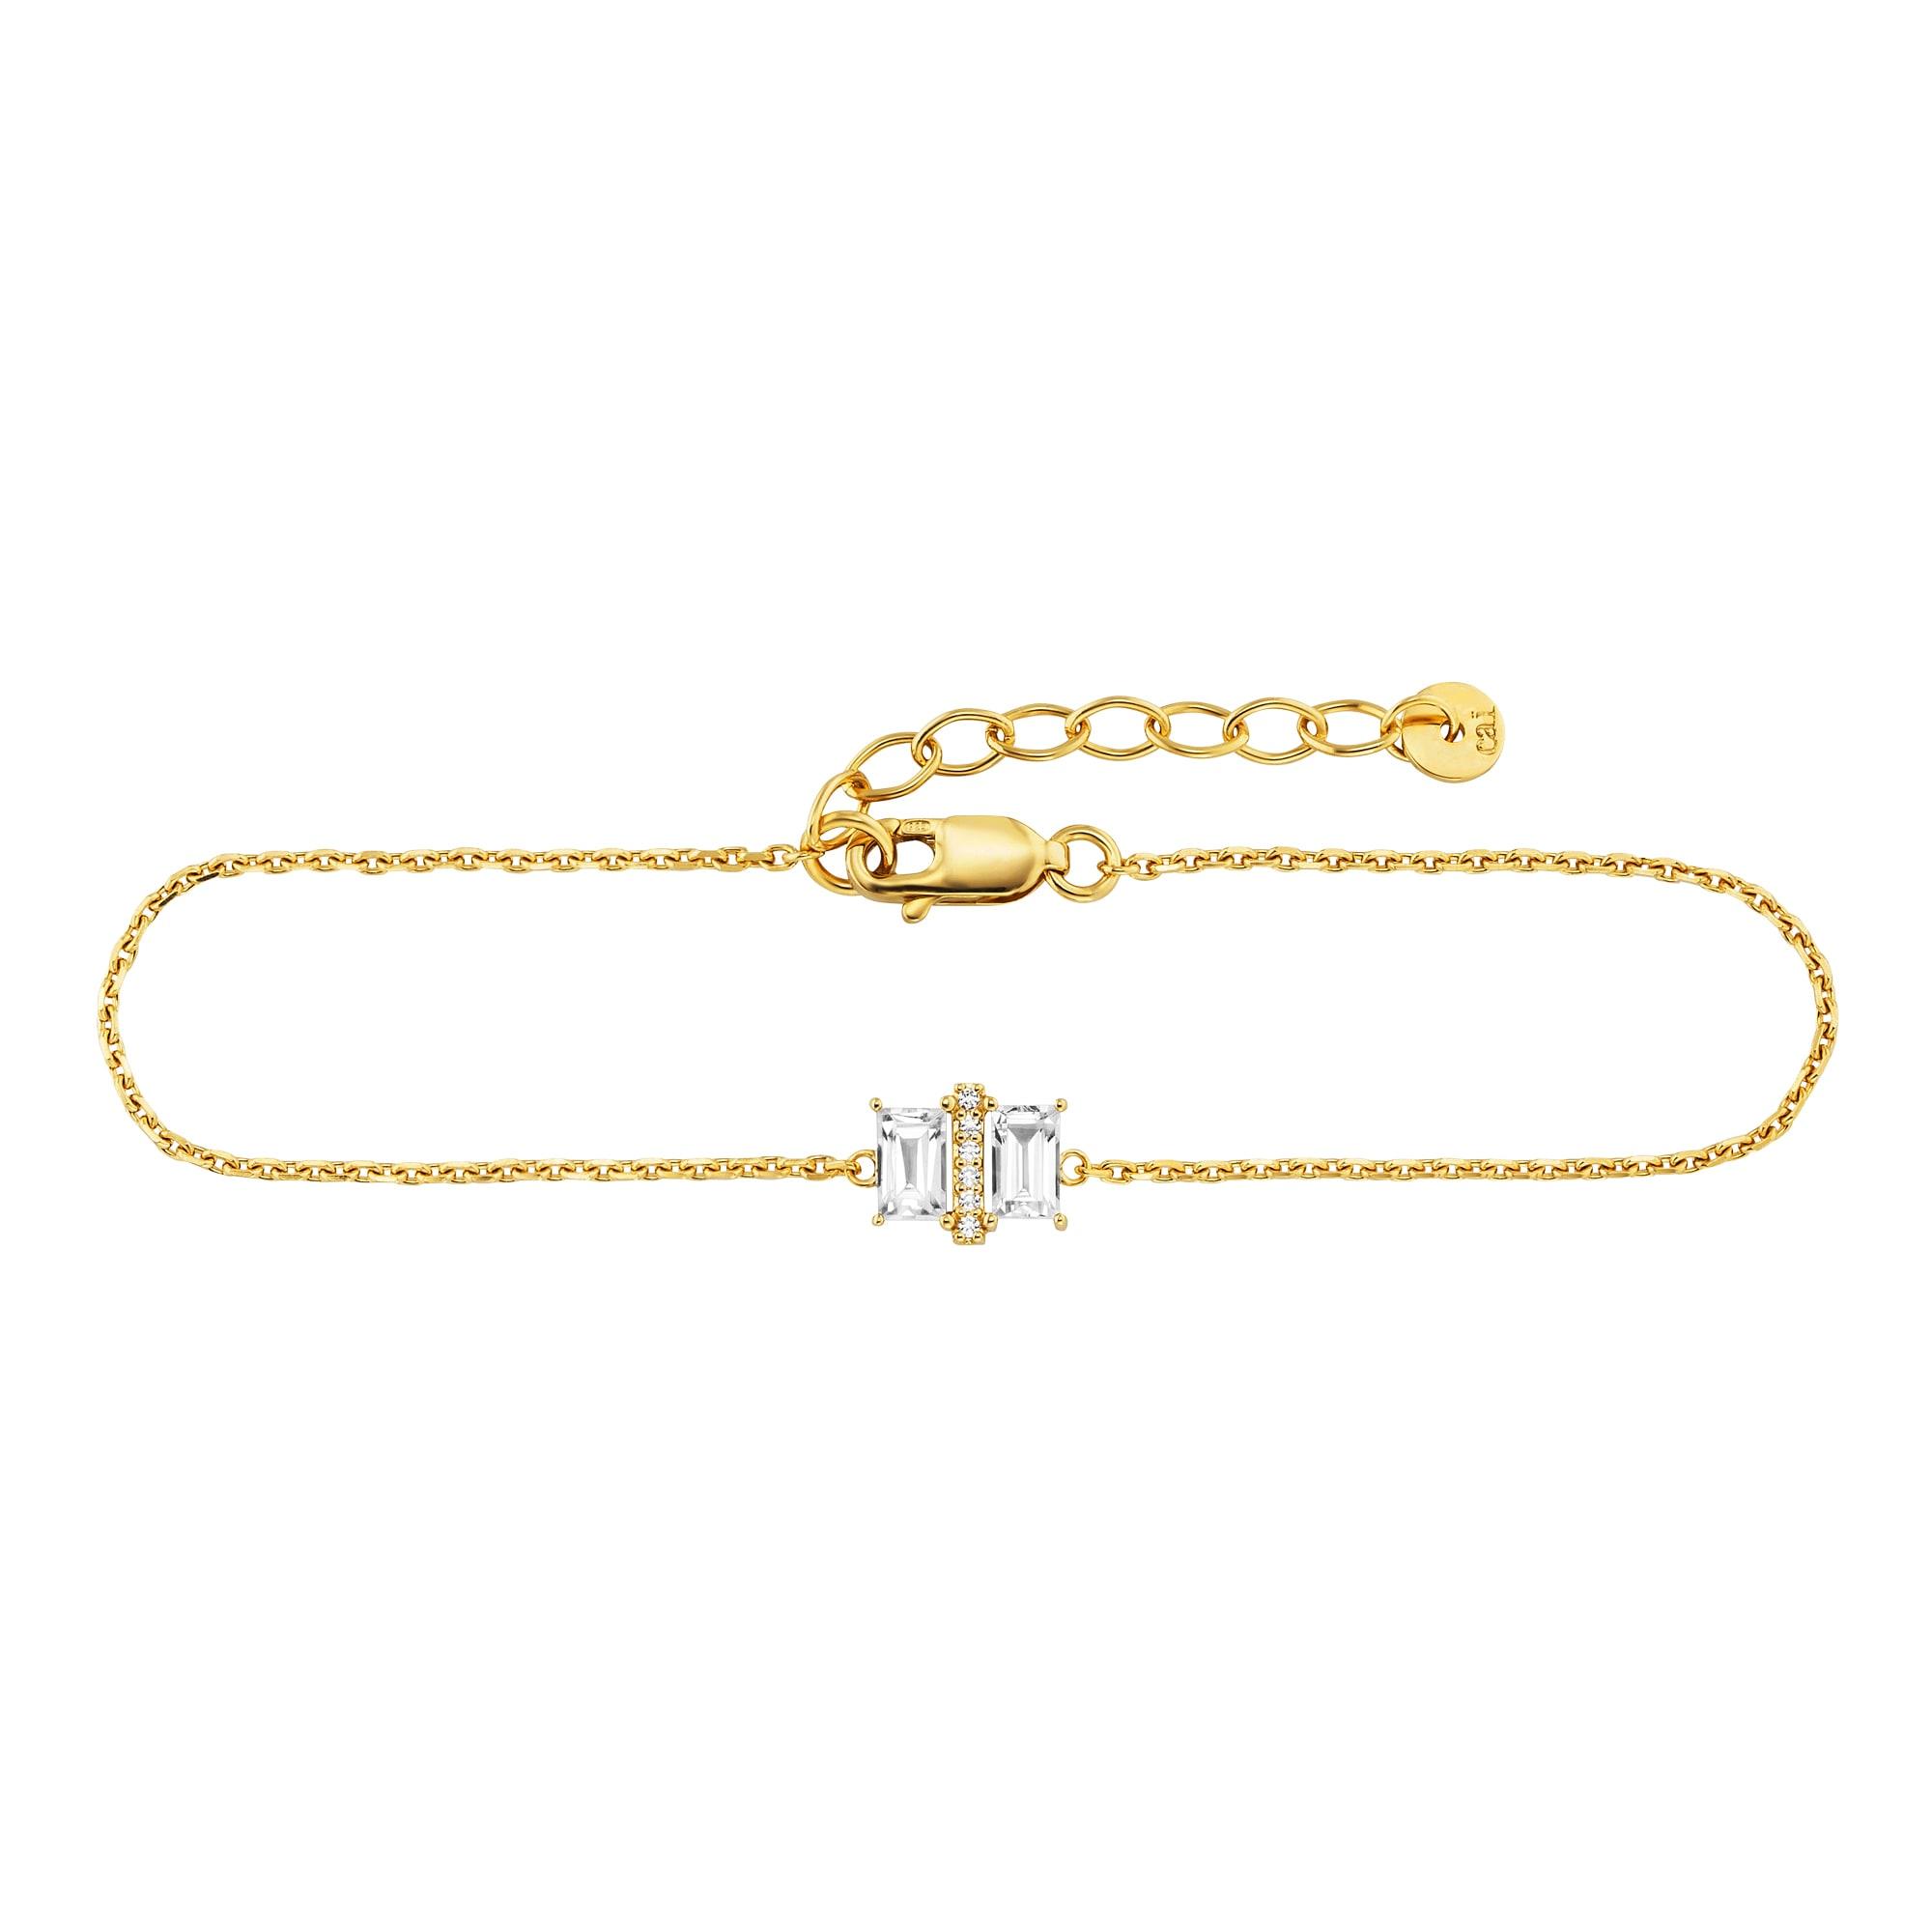 CAÏ Armband 925/- Sterling Silber vergoldet 20cm Weißtopas   Schmuck > Armbänder > Silberarmbänder   Gelb   Caï